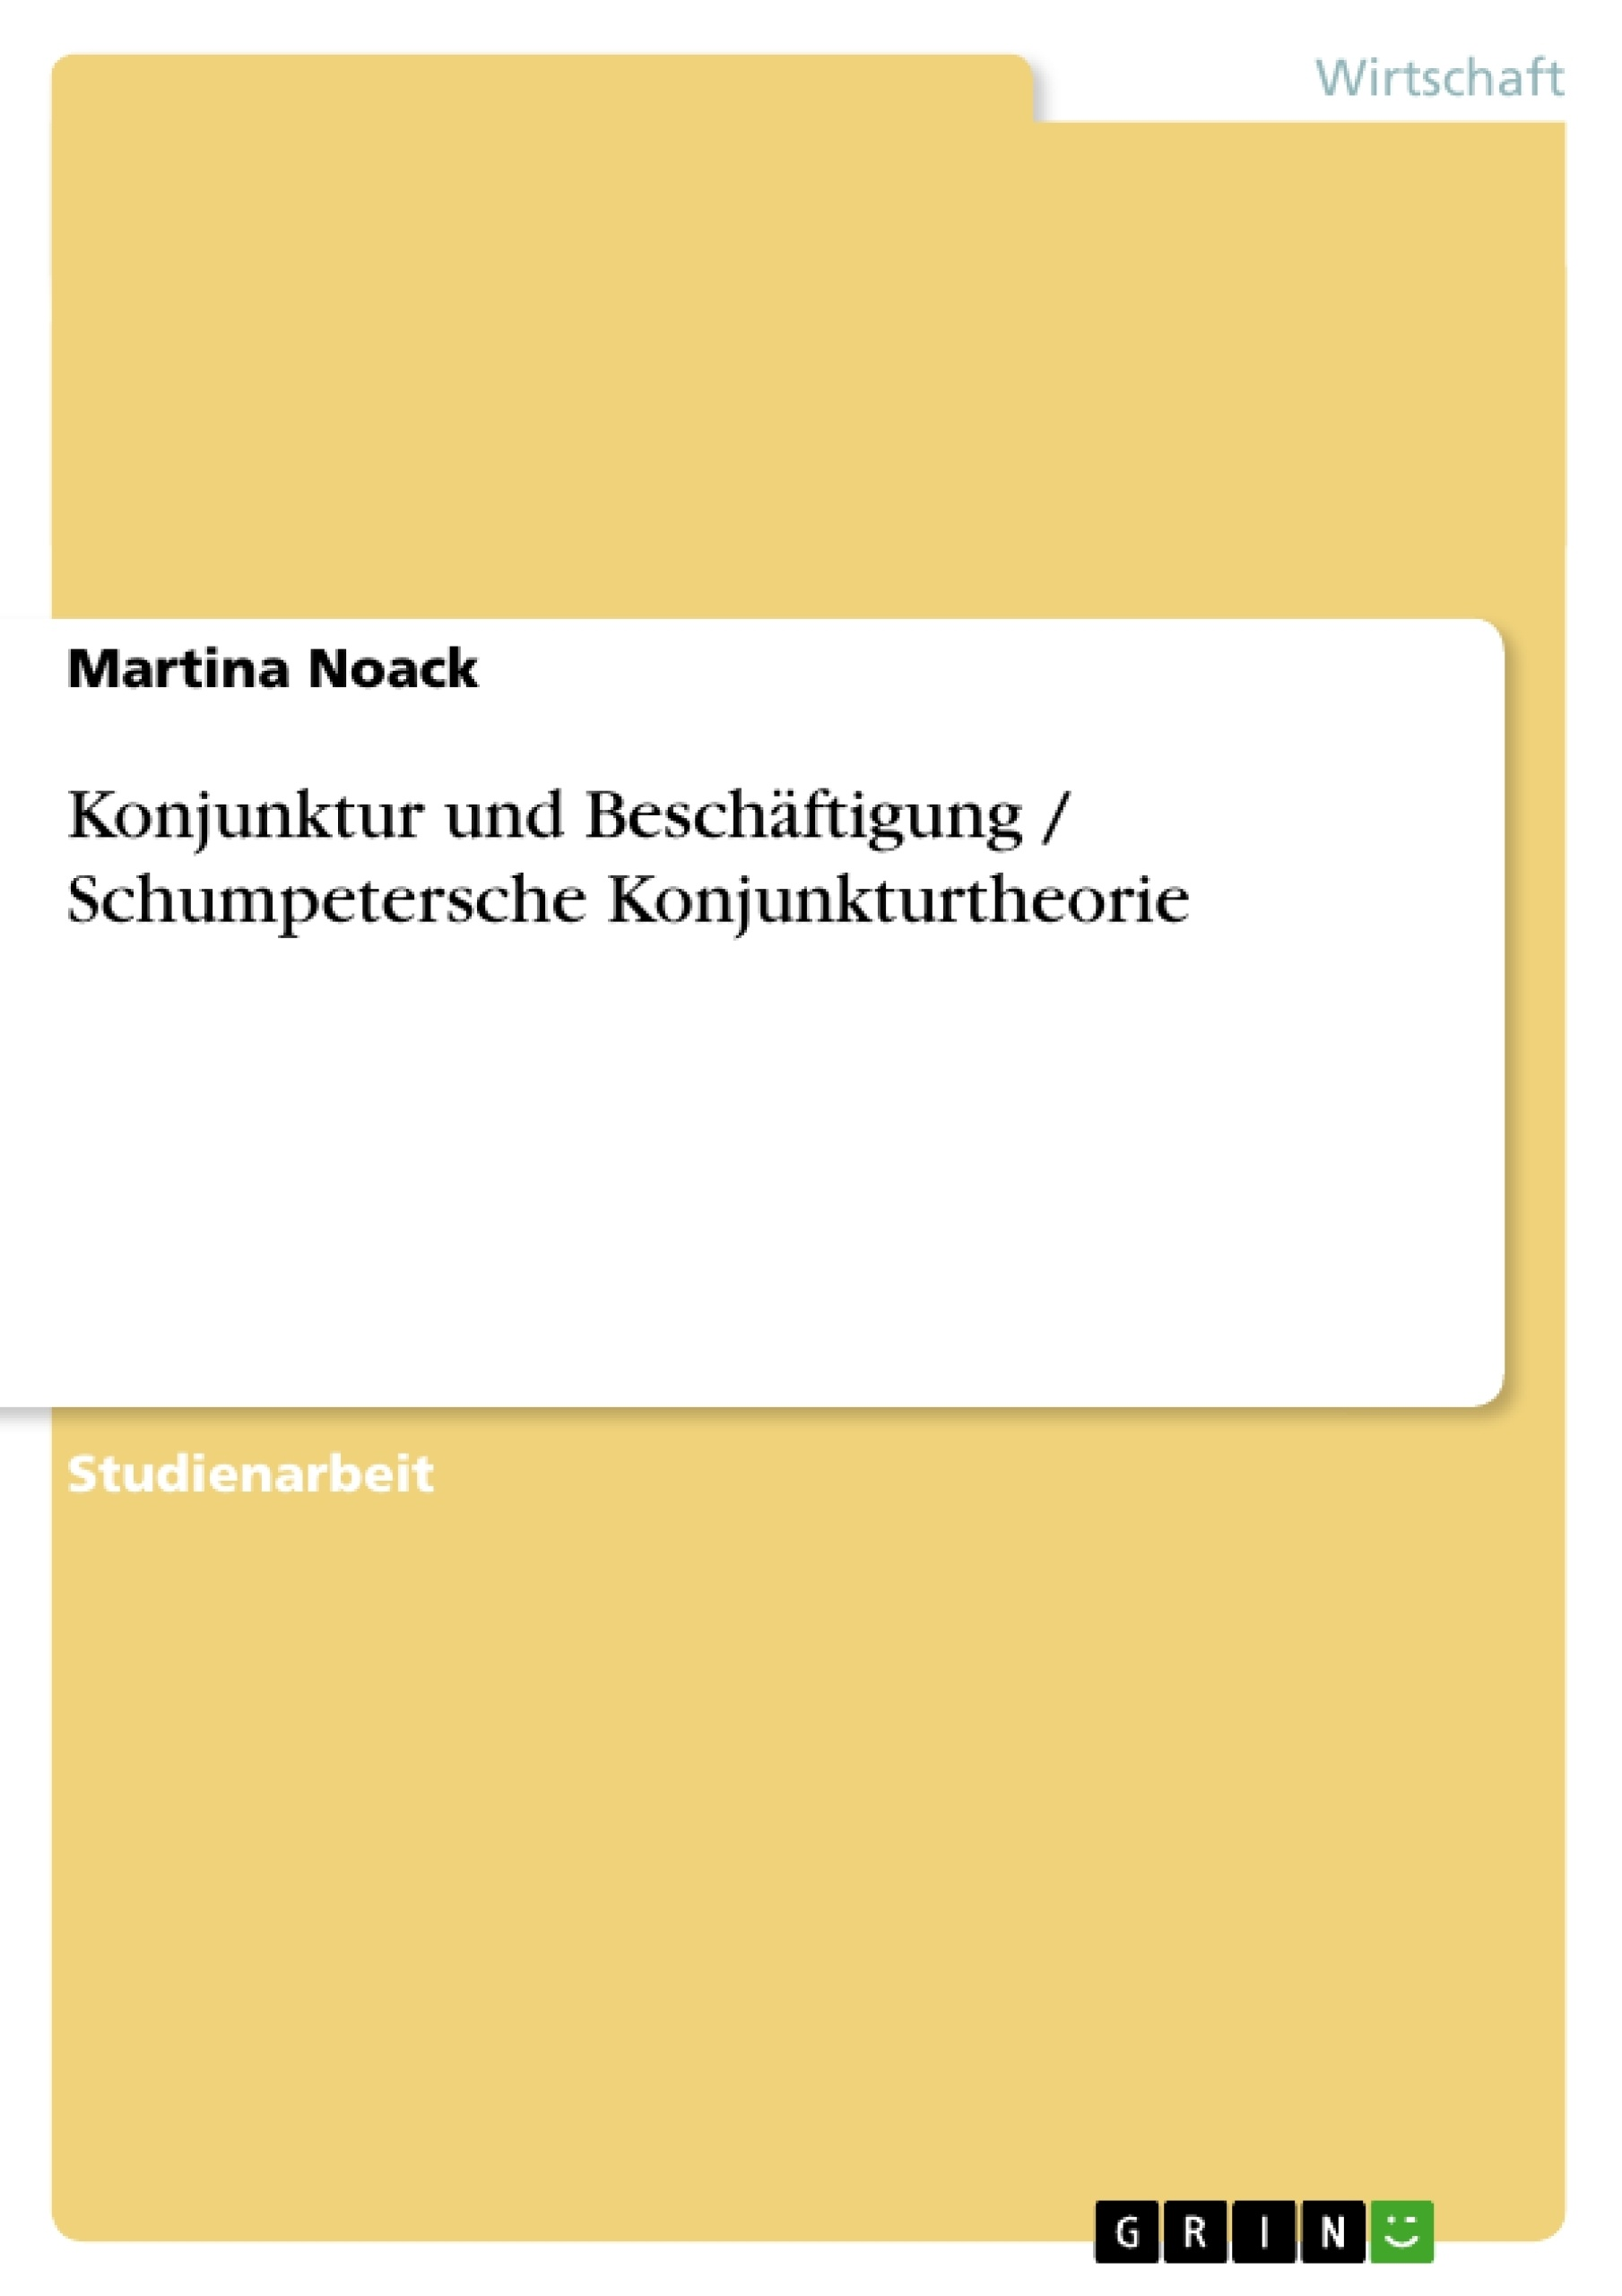 Titel: Konjunktur und Beschäftigung / Schumpetersche Konjunkturtheorie